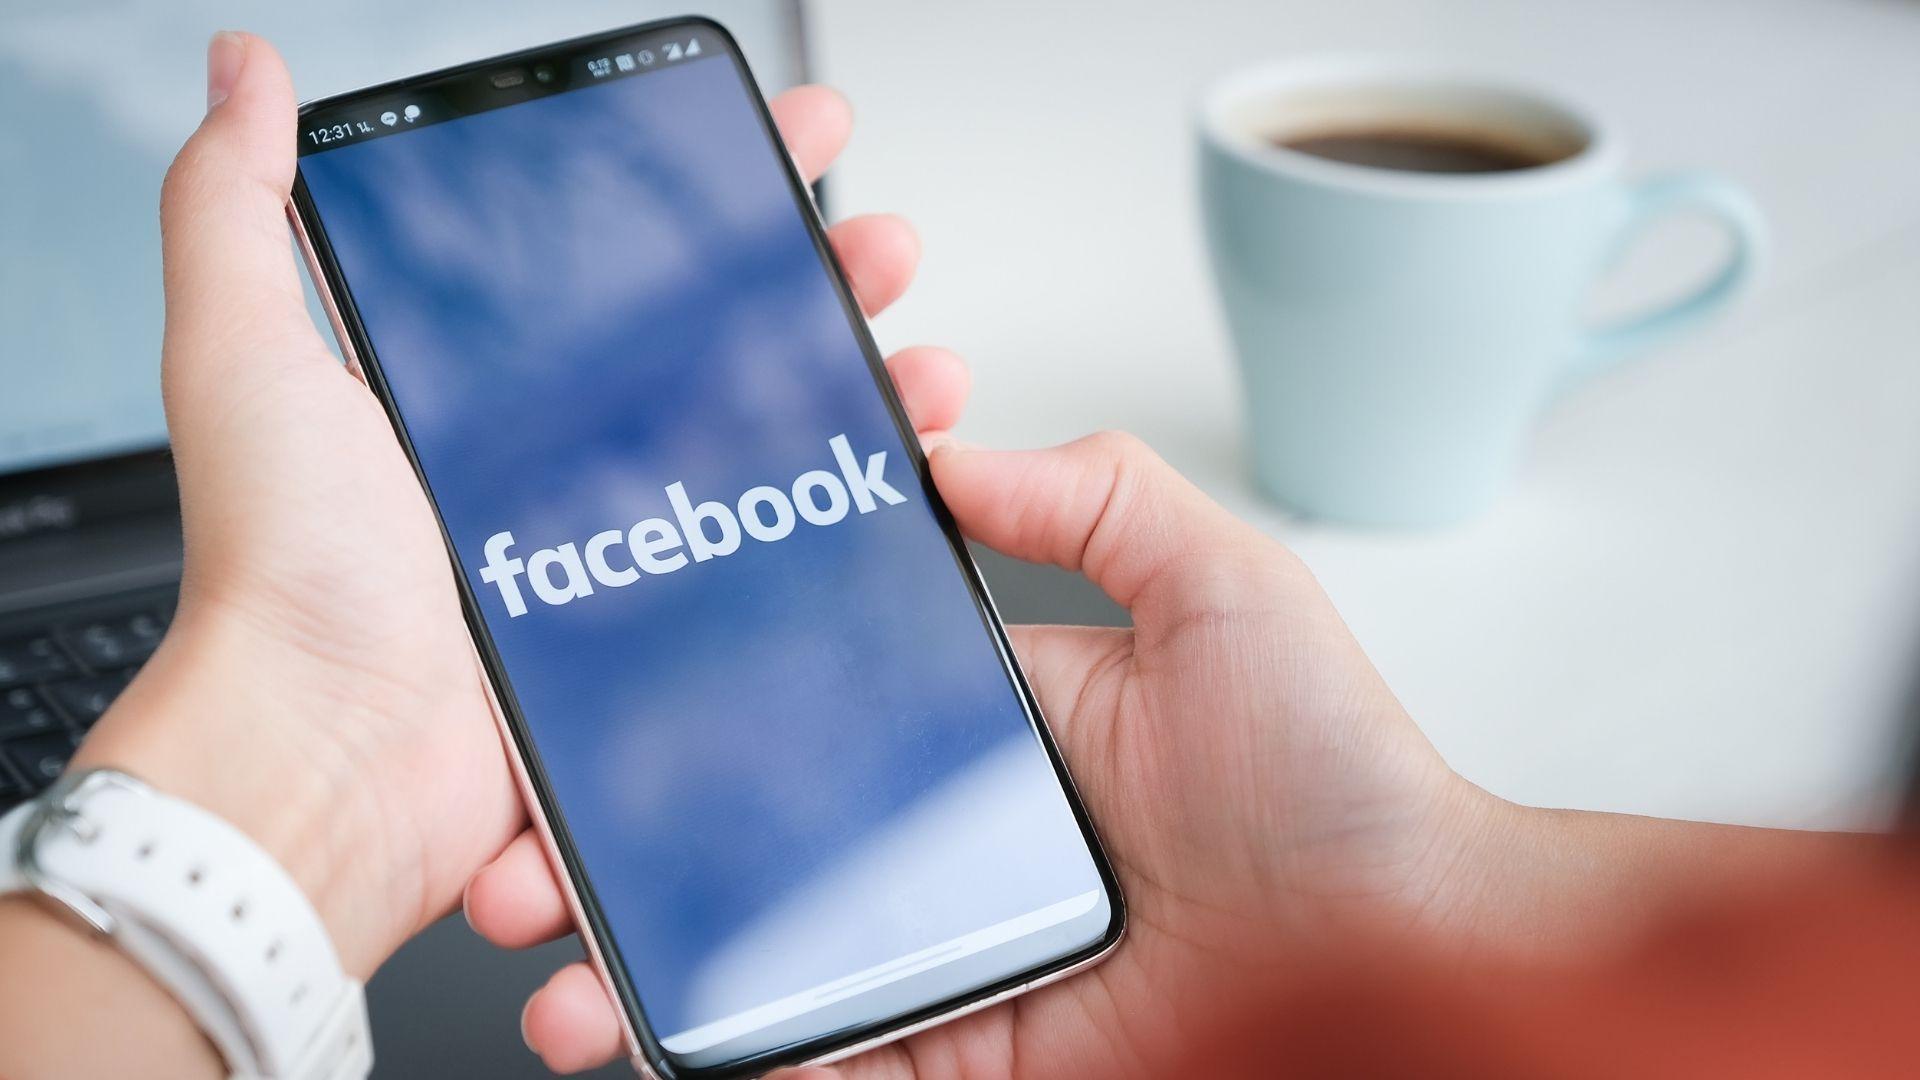 Você pode excluir ou desativar o Facebook pelo seu celular (Foto: Jirapong Manustrong / Shutterstock.com)